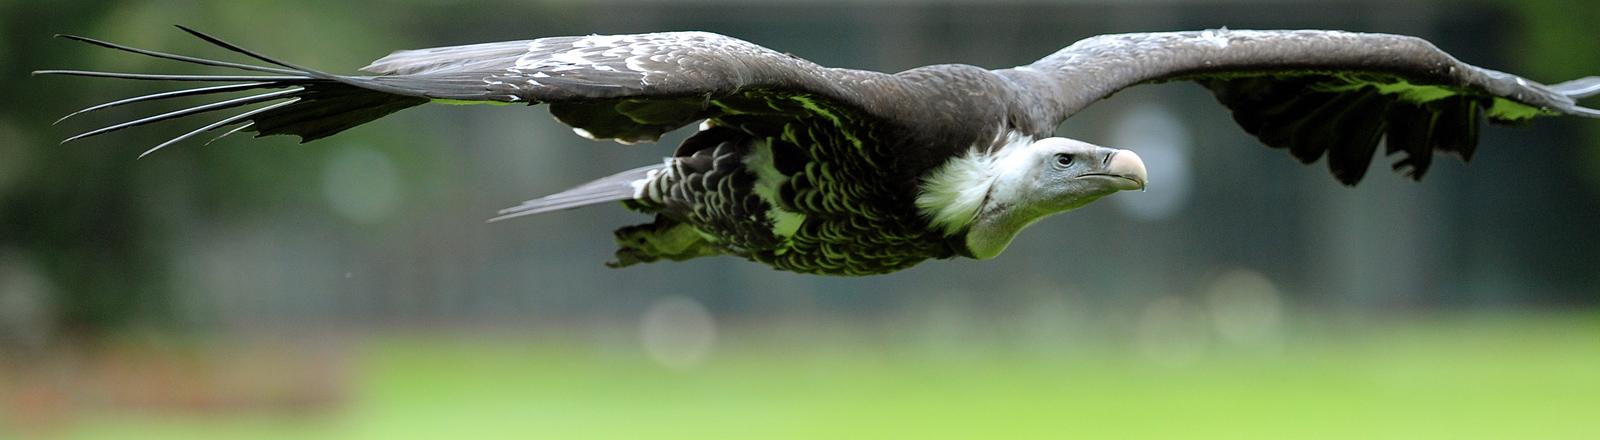 Der Sperbergeier Vitali fliegt am 26.06.2013 während einer Flugschau über die Köpfe von Besuchern im Weltvogelpark Walsrode (Niedersachsen).